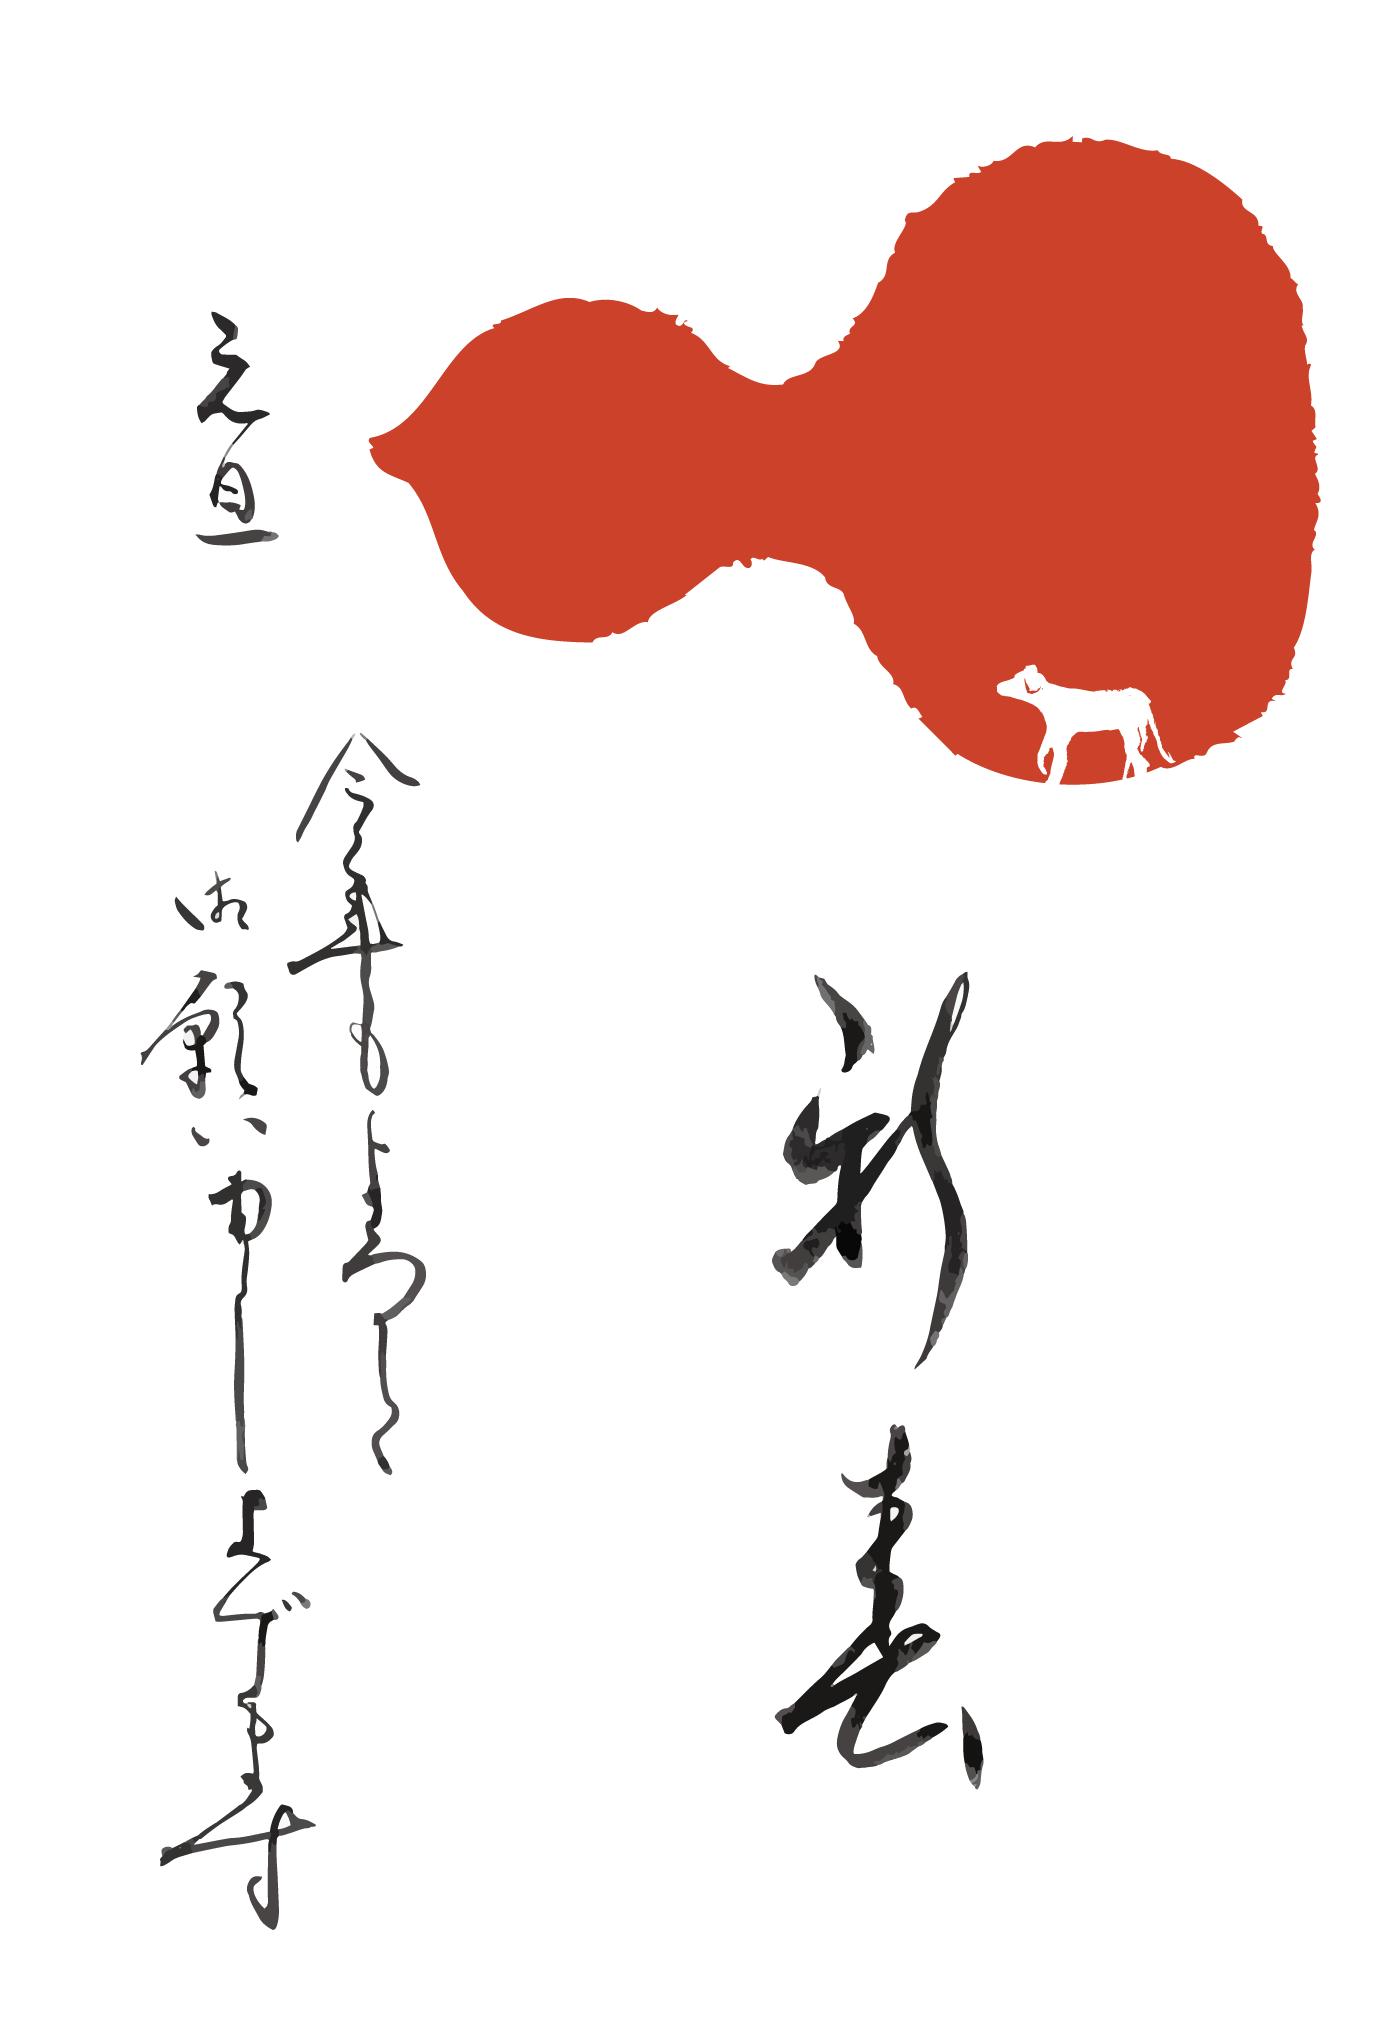 2006年賀状20:戌赤瓢箪のダウンロード画像